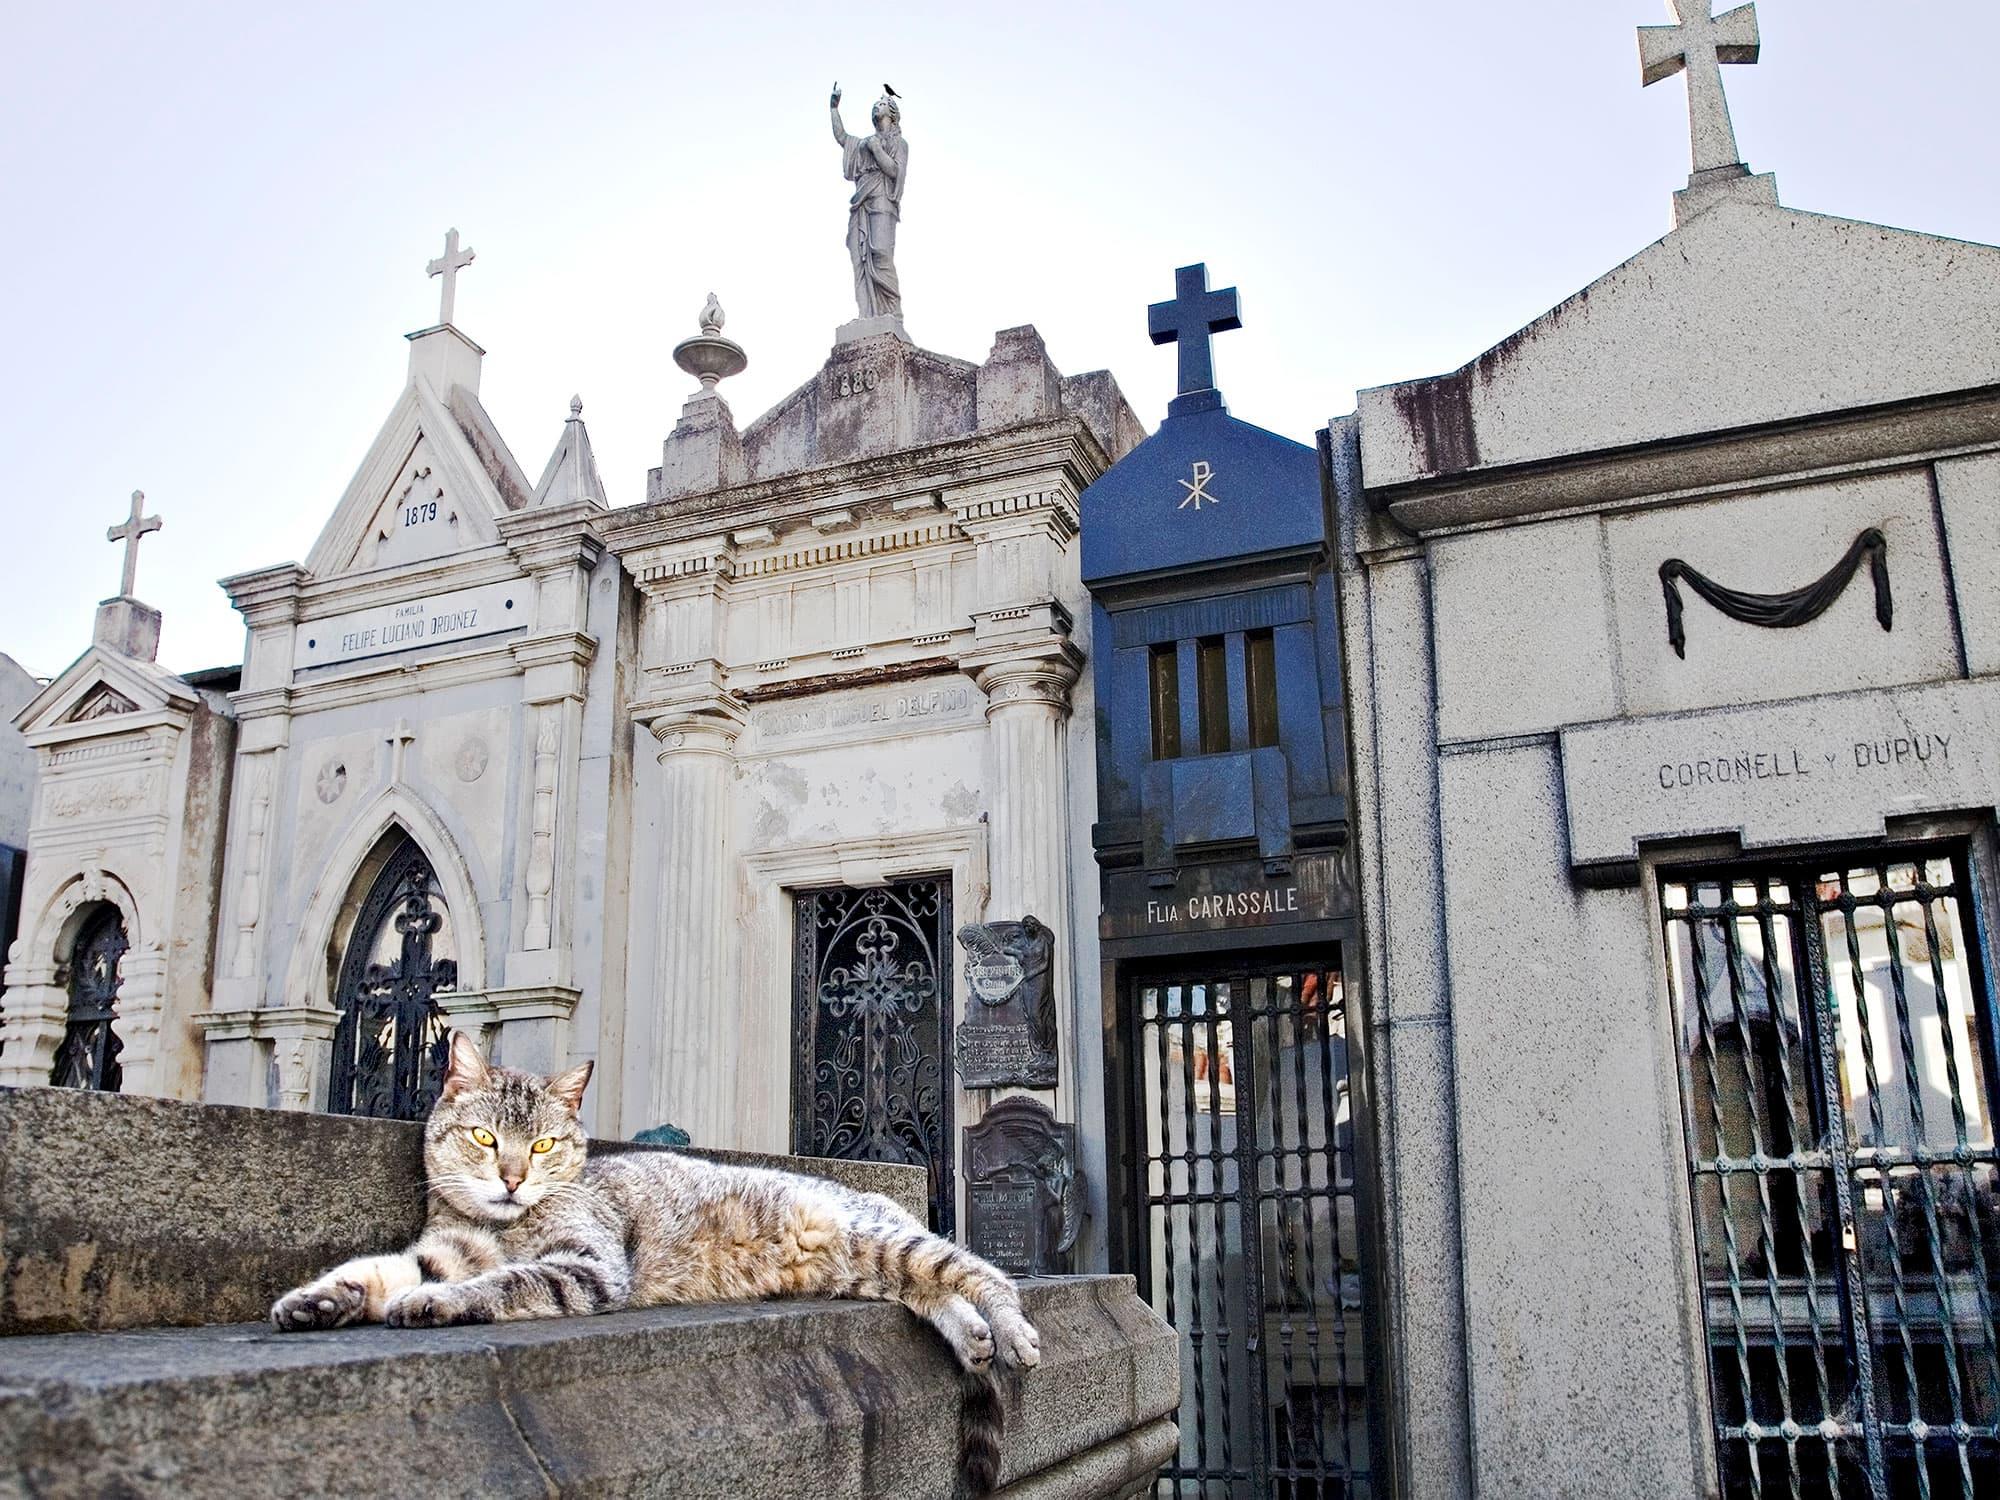 arthur-lazar-Ricoleta-Cat-Buenos-Aires-2010